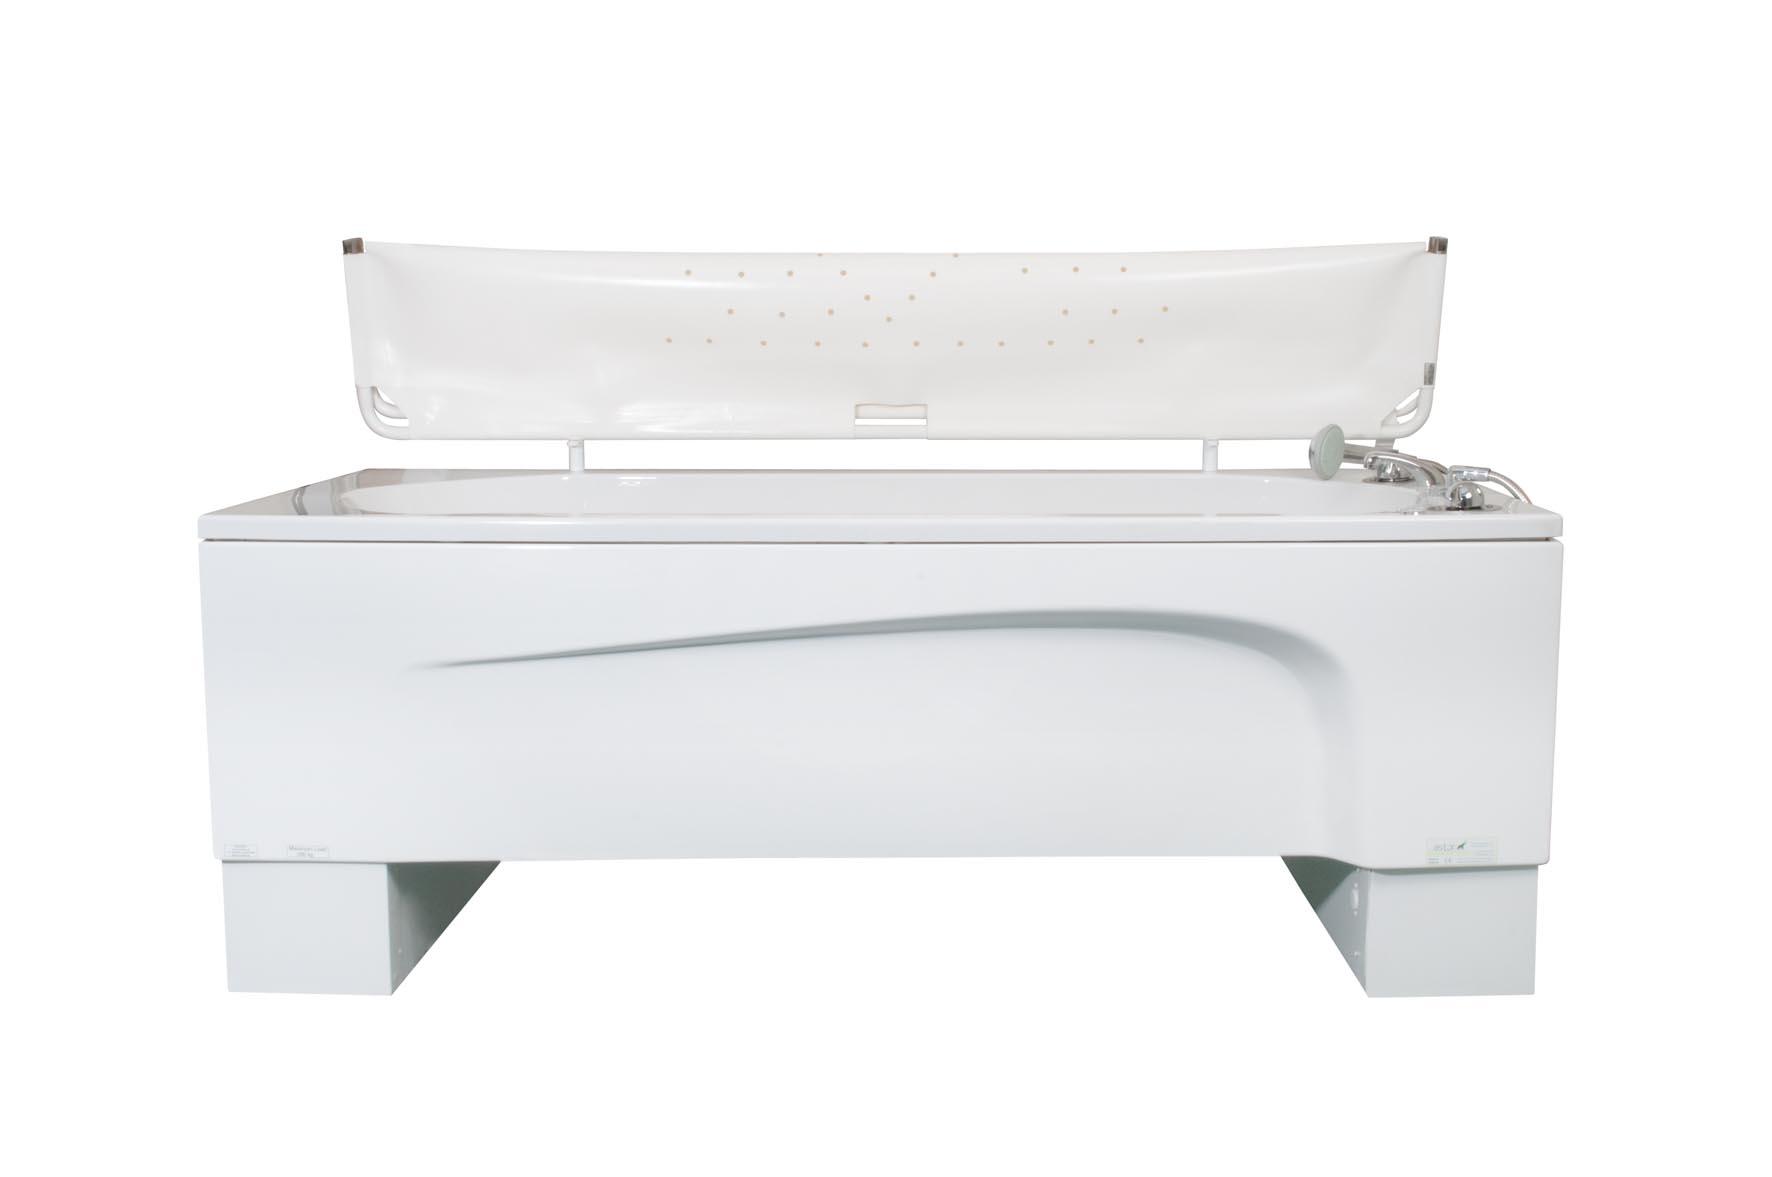 Kiva Height-adjustable Bath